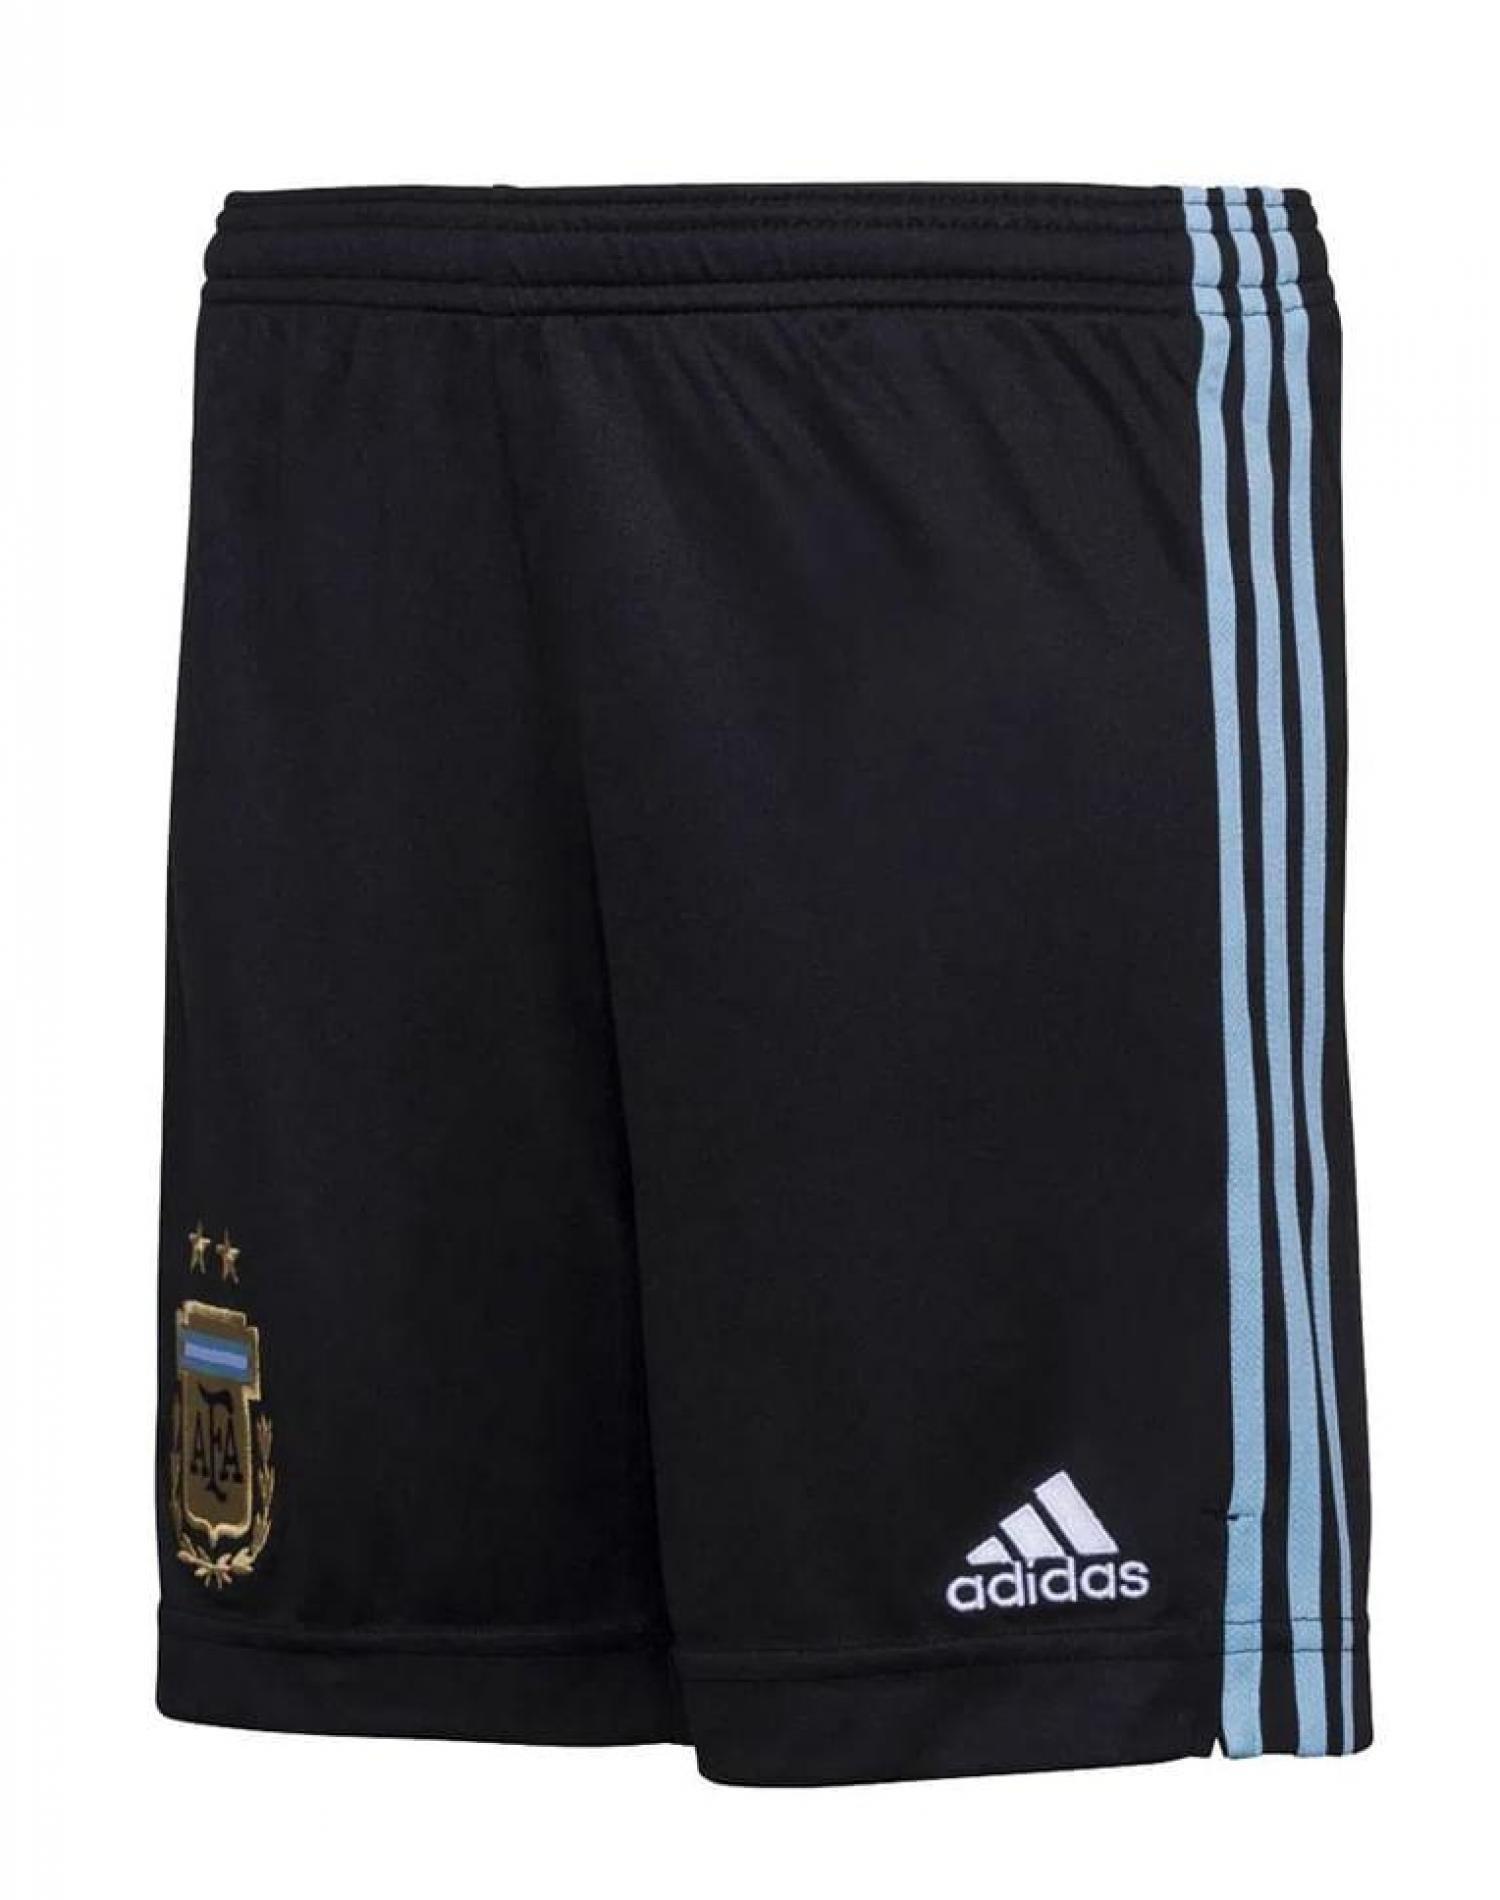 Short  Negro Adidas Titular Selección Argentina